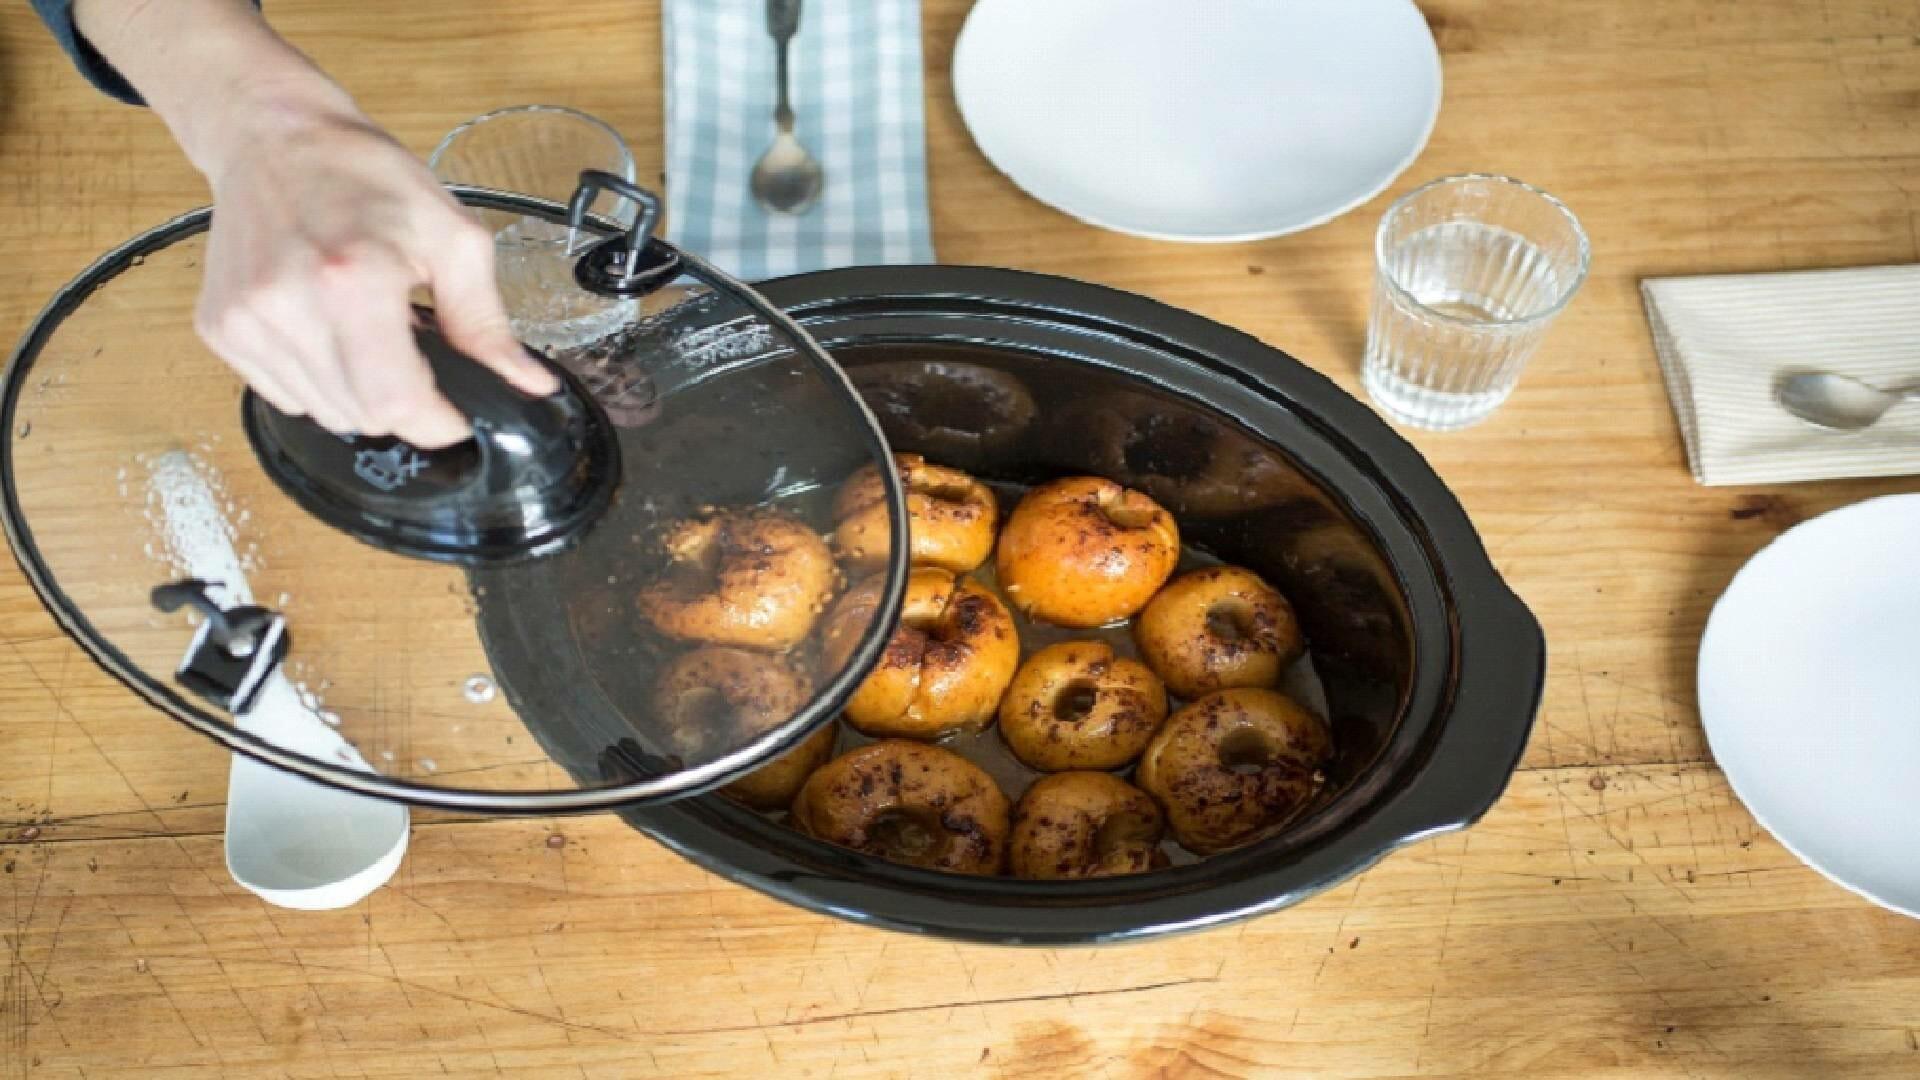 Aprovecha al máximo tu despensa durante la cuarentena con Crock-Pot